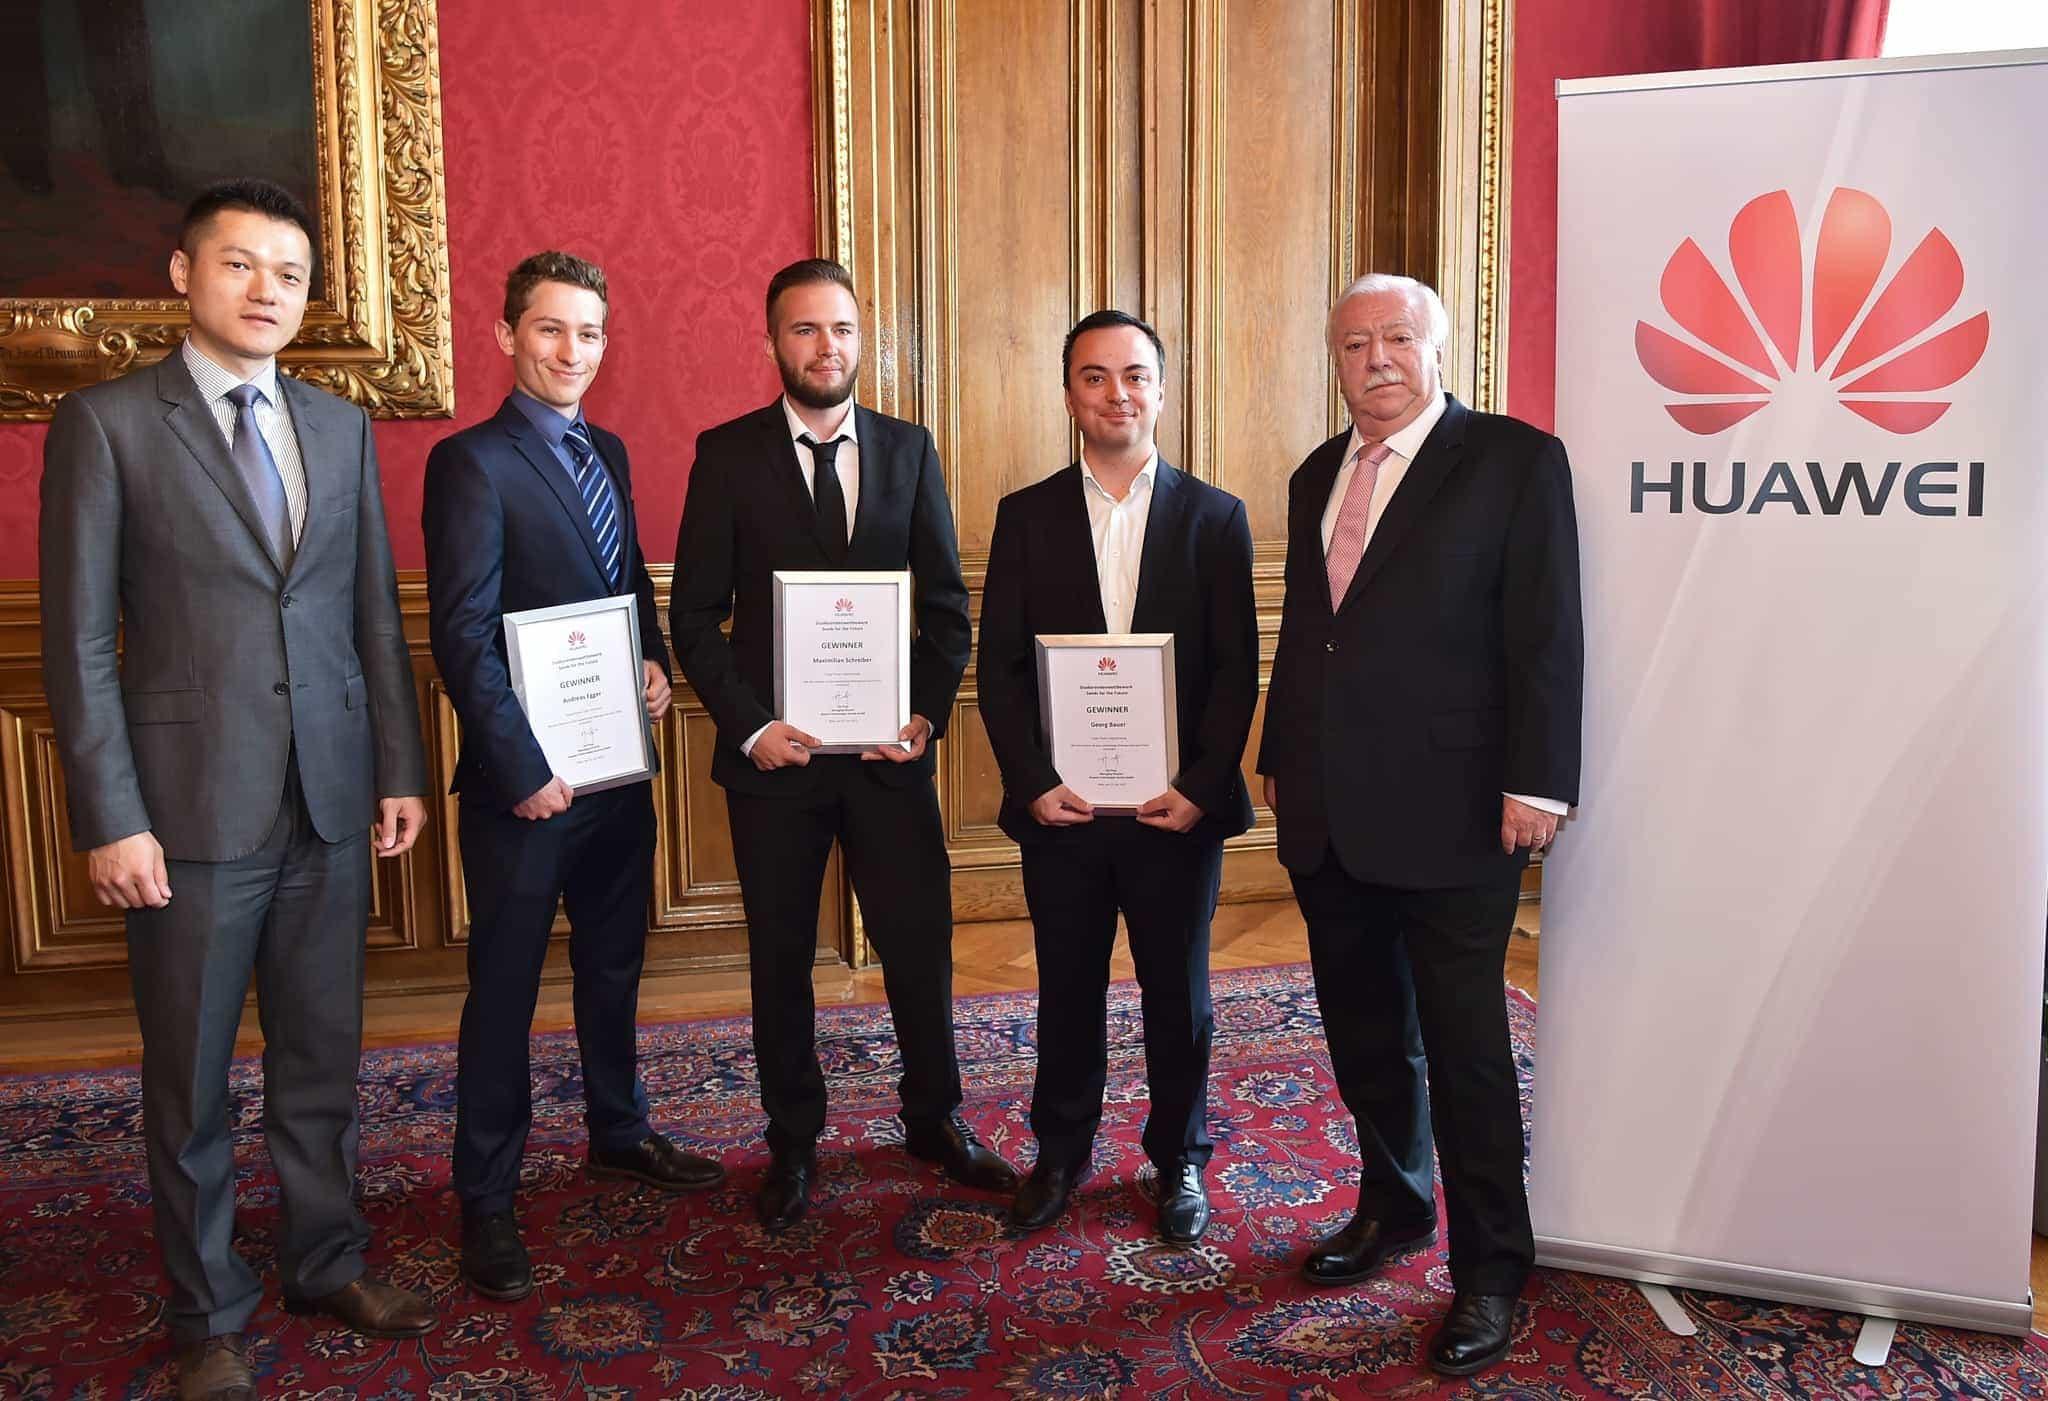 Bürgermeister Michael Häupl und Jay Peng, CEO Huawei Österreich, gratulieren den Studierenden der FH JOANNEUM Georg Bauer, Andreas Egger und Maximilian Schreiber.